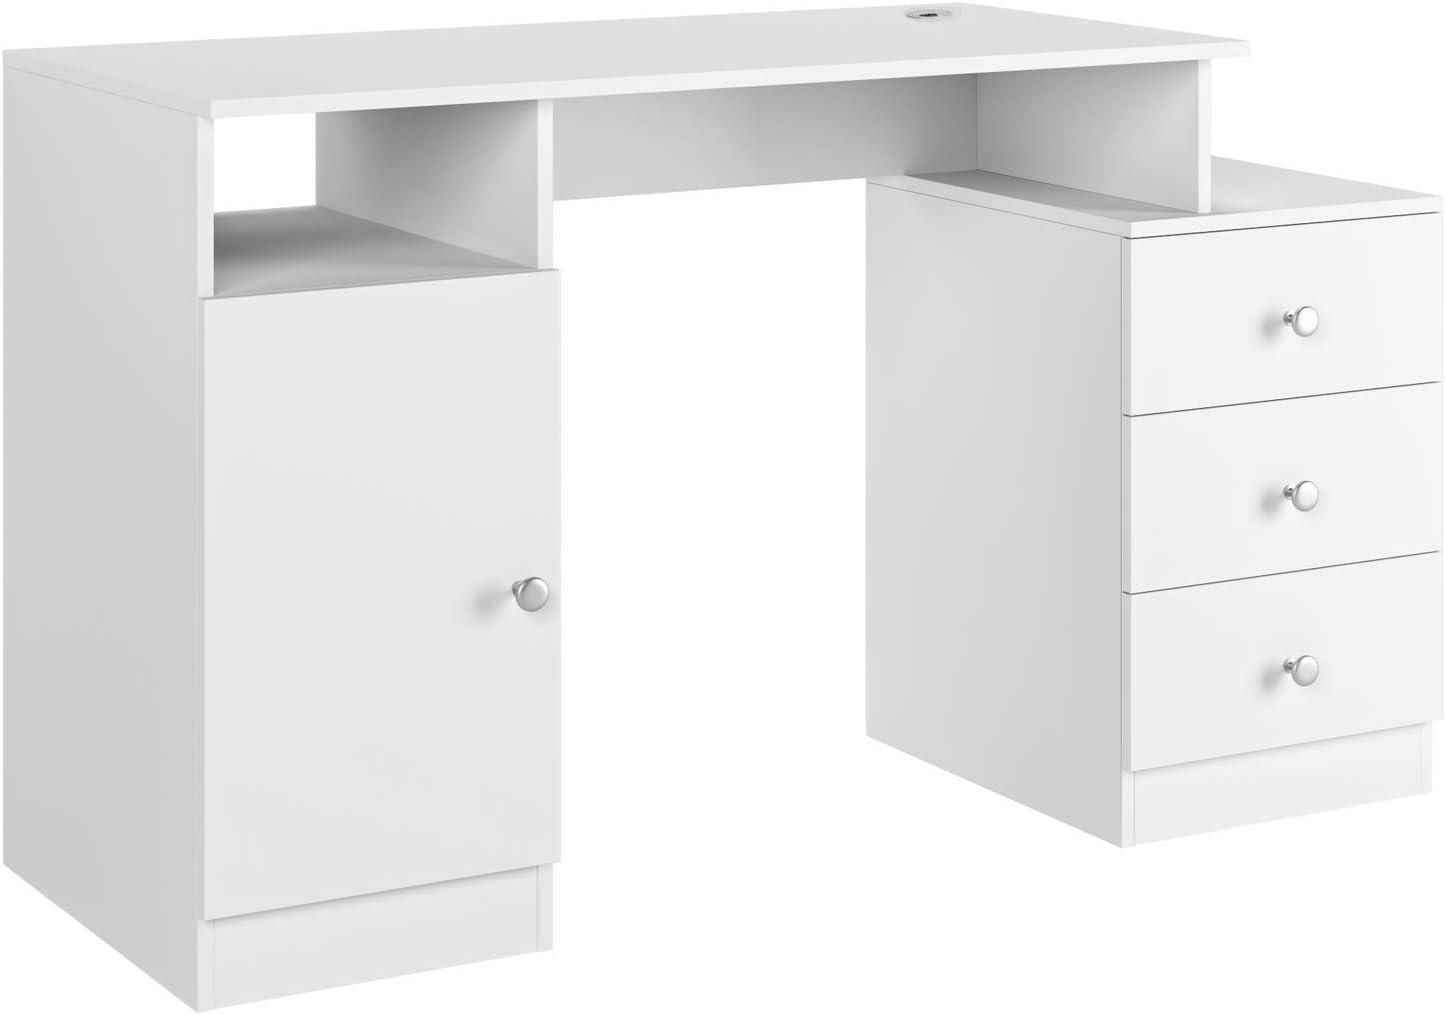 PC Tisch mit Kabeldurchf/ührung f/ürs B/üro Arbeitszimmer wei/ß matt 133x50x75.5cm Homfa Schreibtisch Computertisch mit 3 Schubladen und 1 Unterschrank B/ürotisch Arbeitstisch aus Holz